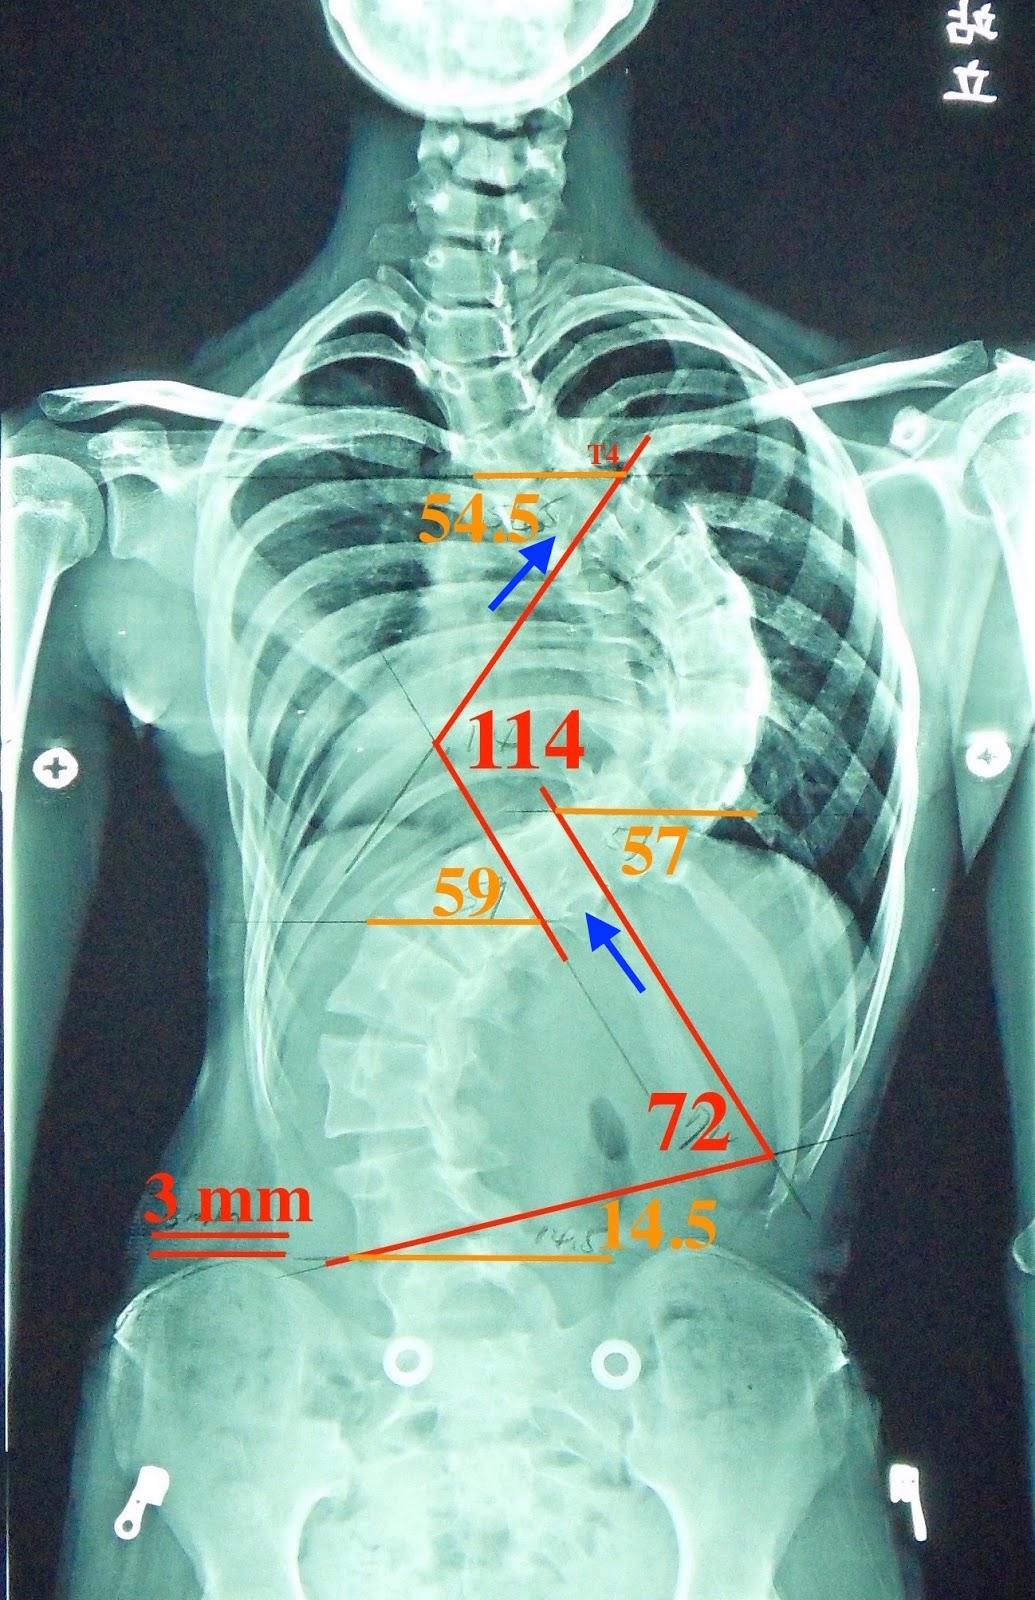 脊椎側彎, 脊椎側彎背架, 脊椎度數, 脊椎側彎矯正, 脊椎側彎治療, schroth運動, schroth脊椎側彎, 德國Schroth